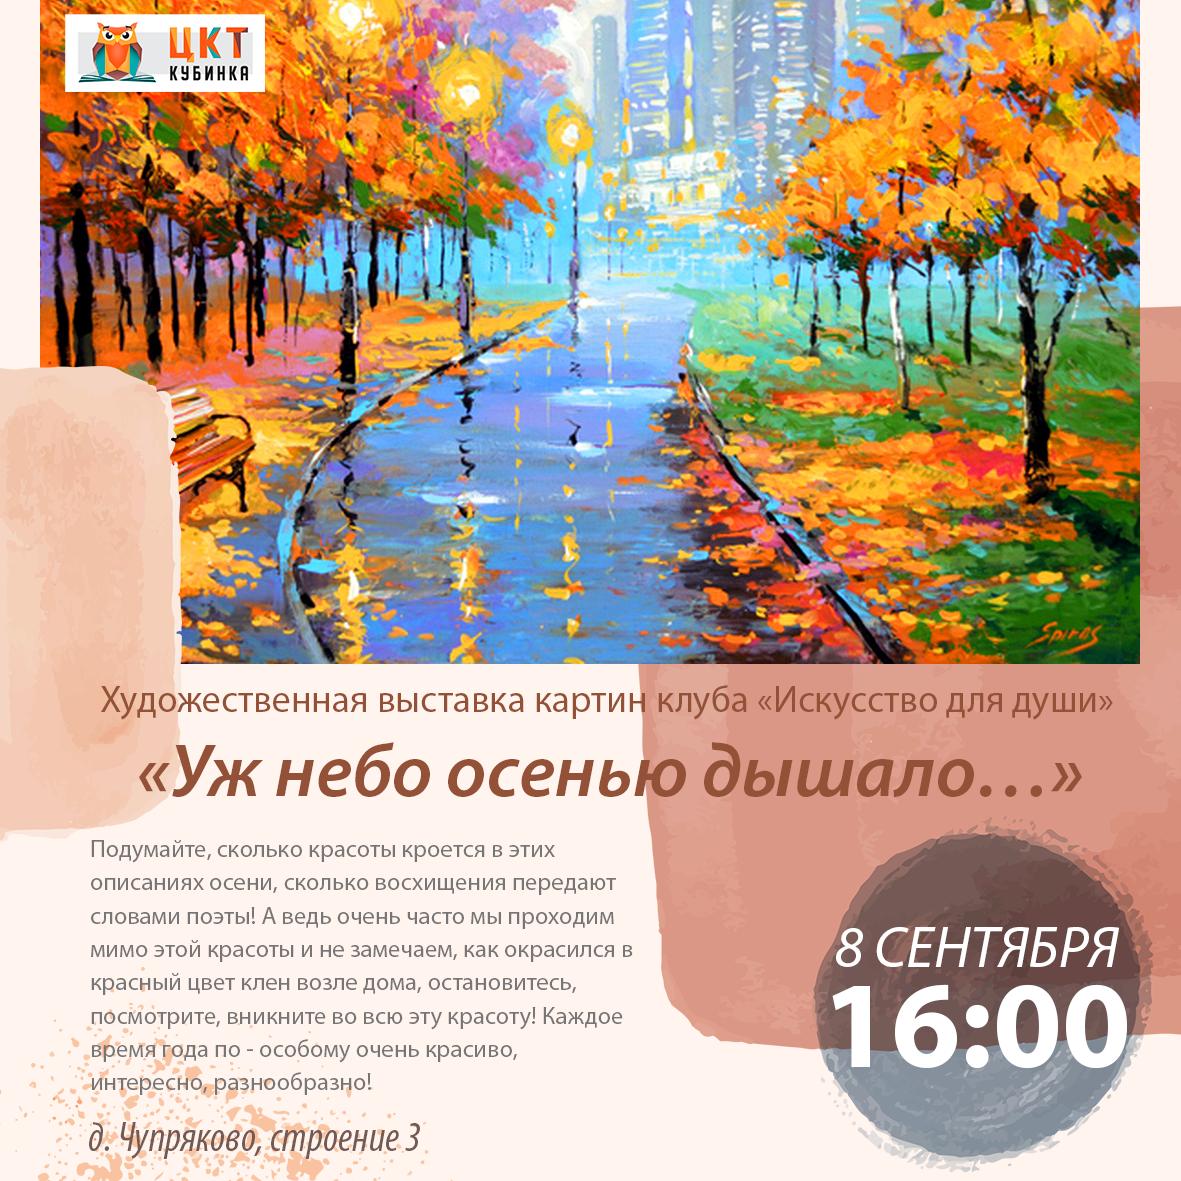 Открытие выставки работ участников клуба  «Искусство для души»